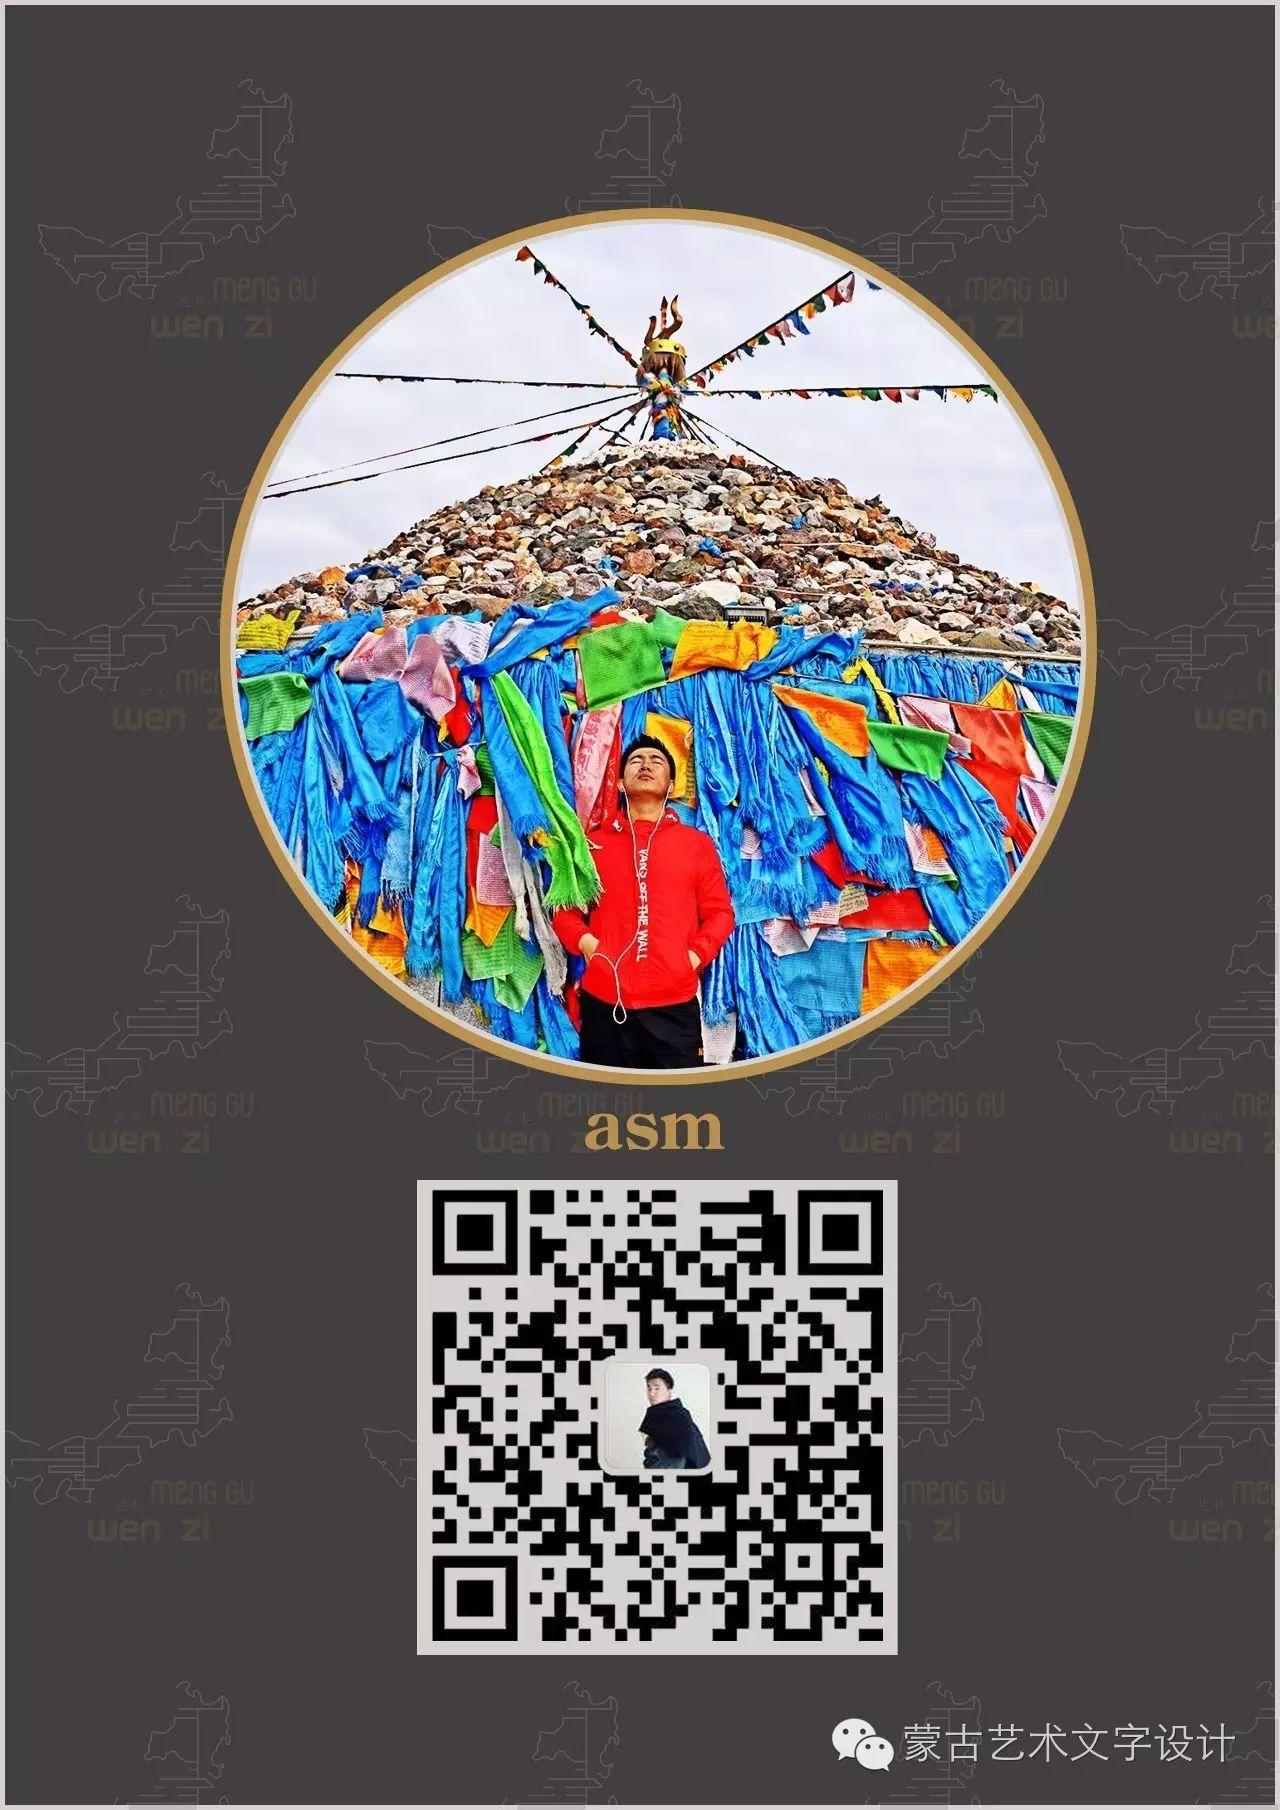 蒙古艺术文字设计 第79张